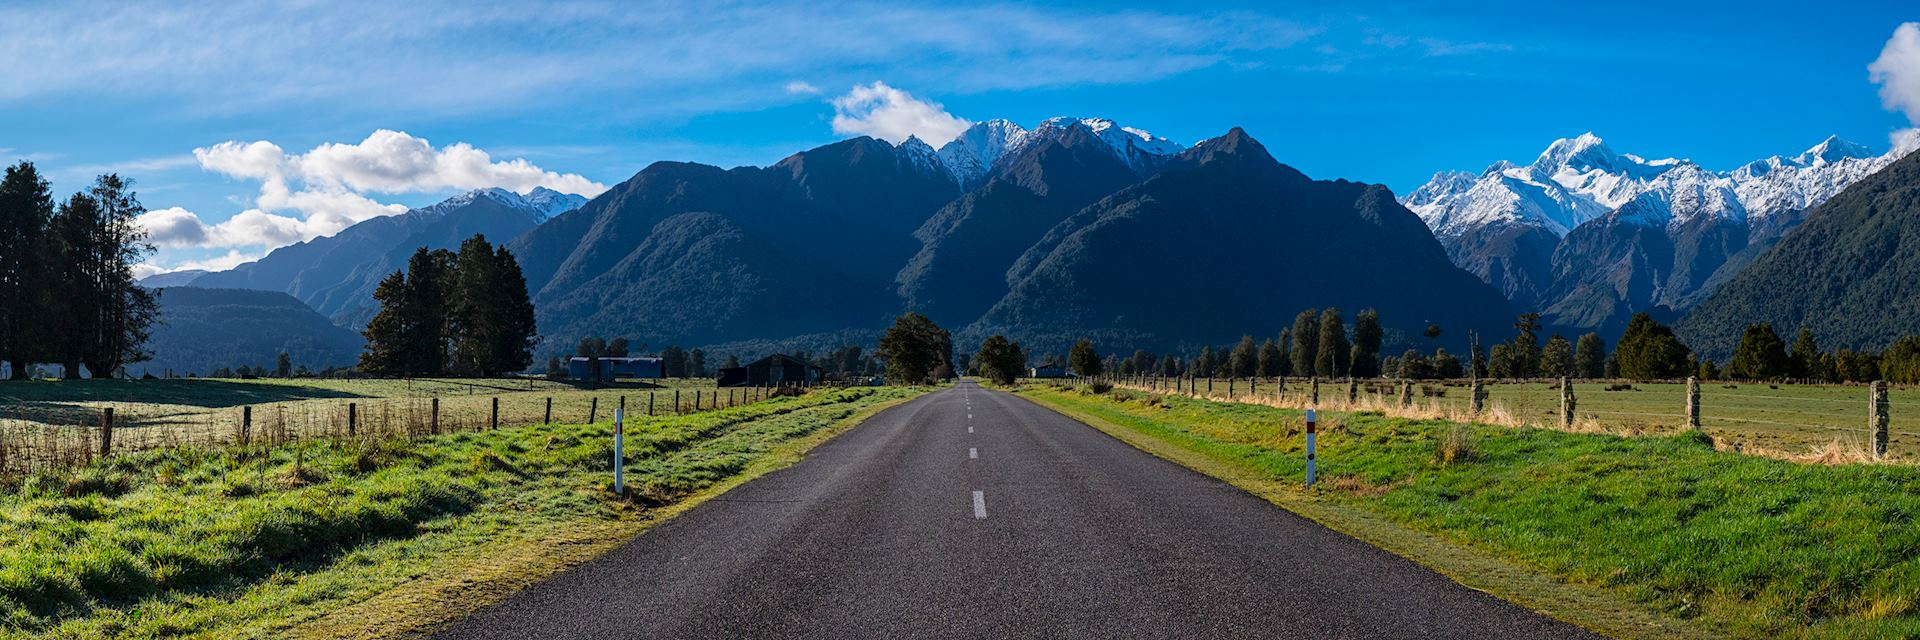 Road to Fox Glacier, South Island